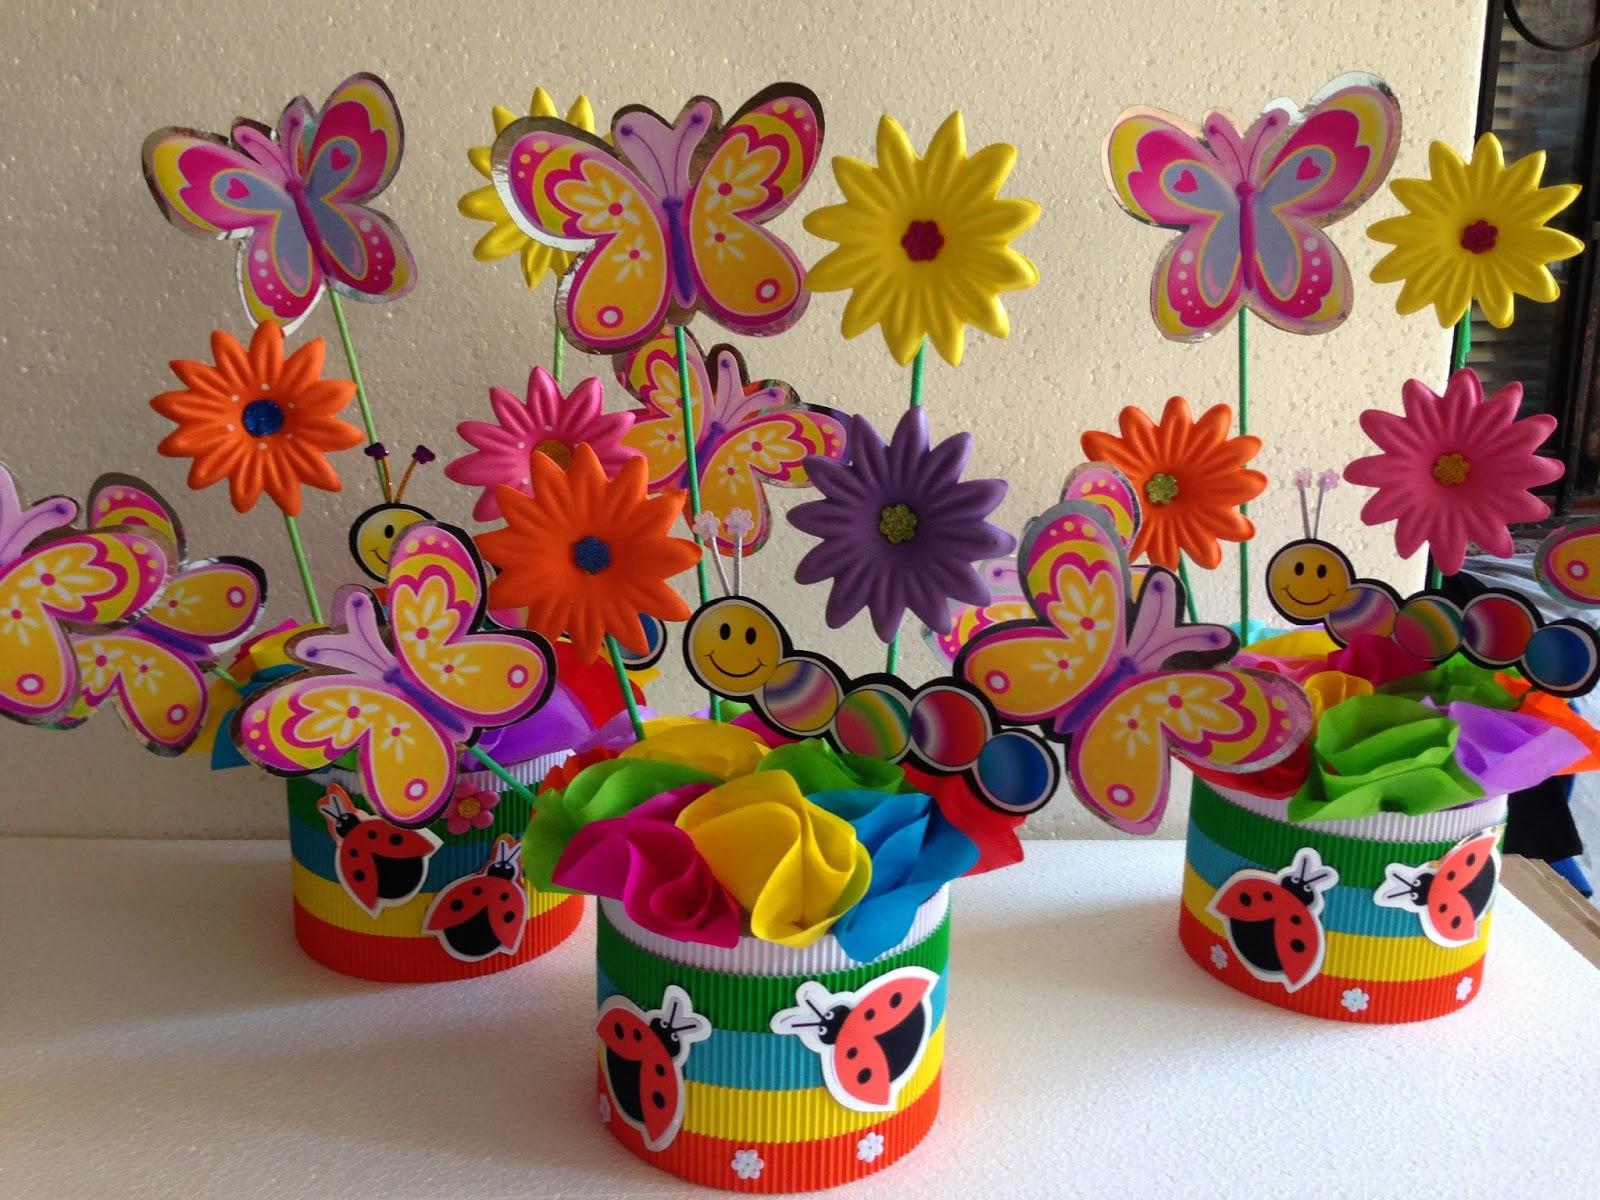 Decoraciones infantiles mariposas y flores for Regalos para fiestas de cumpleanos infantiles